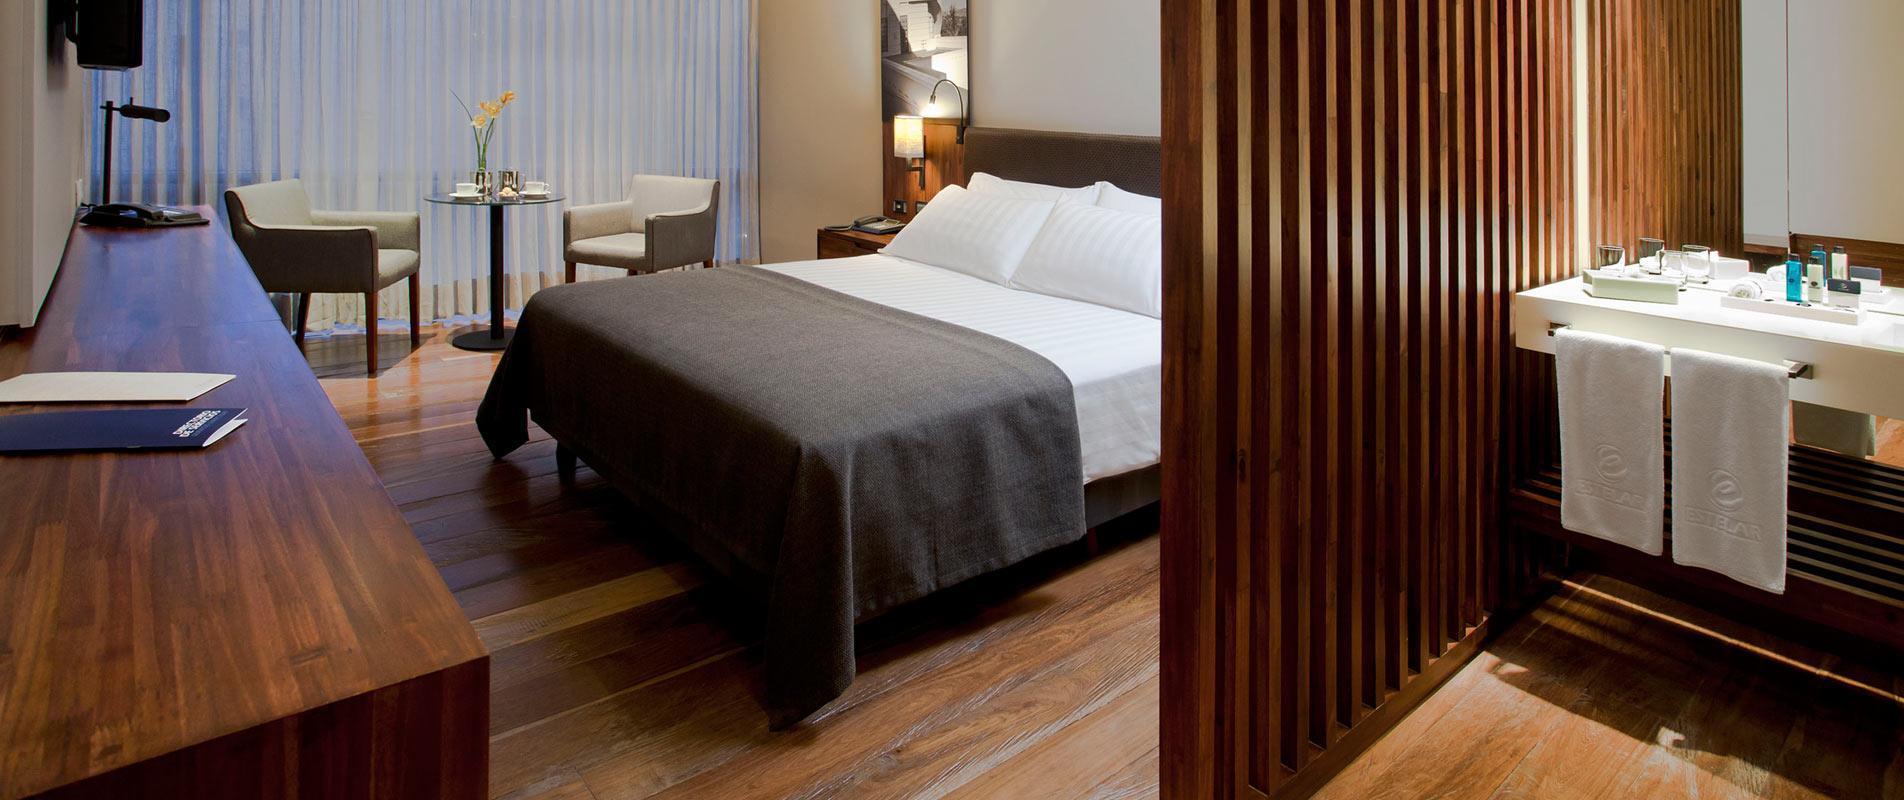 Room-Parque-de-la-93